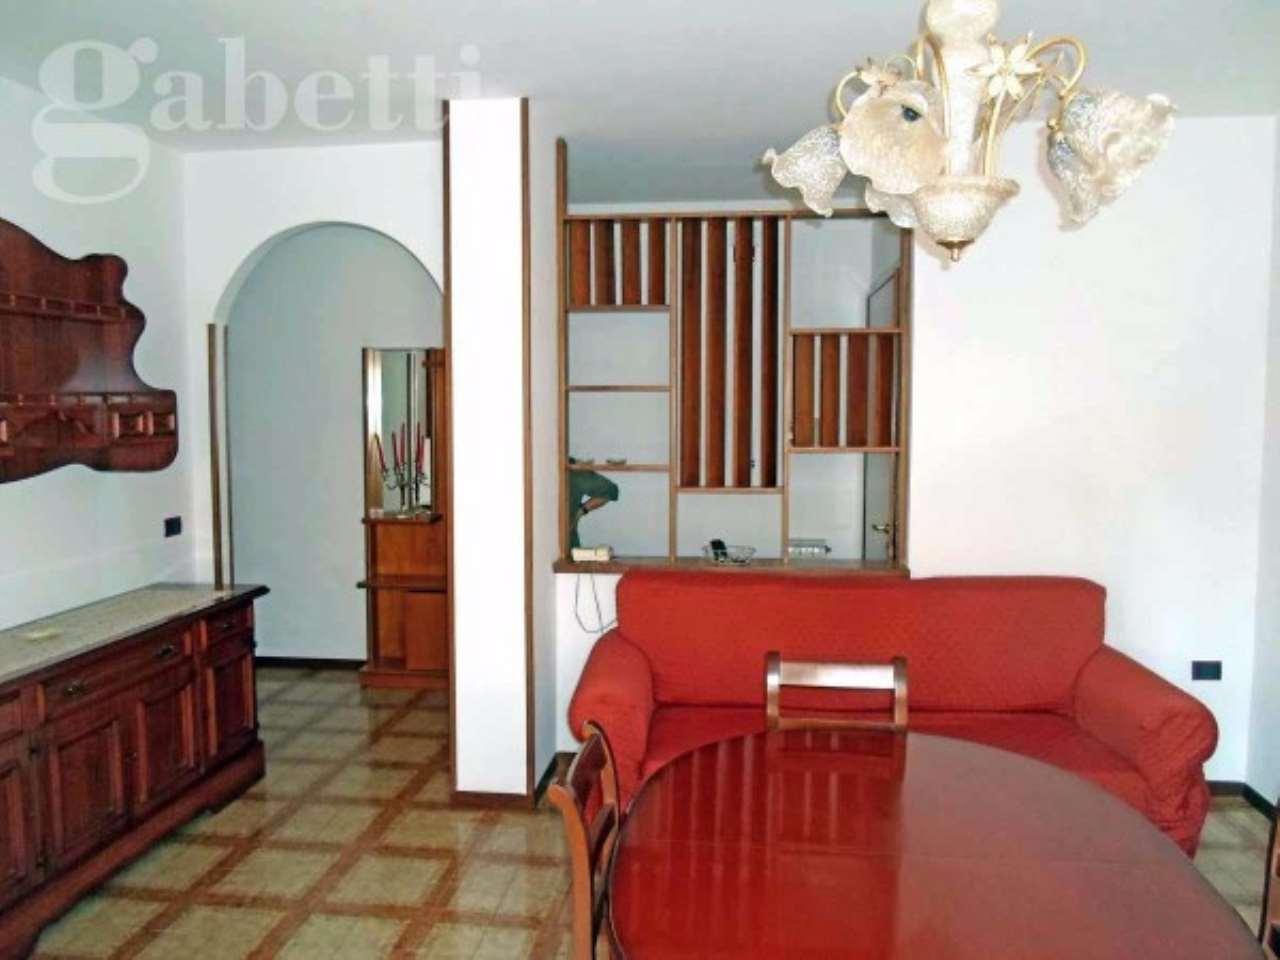 Appartamento in vendita a Senigallia, 4 locali, prezzo € 145.000   CambioCasa.it